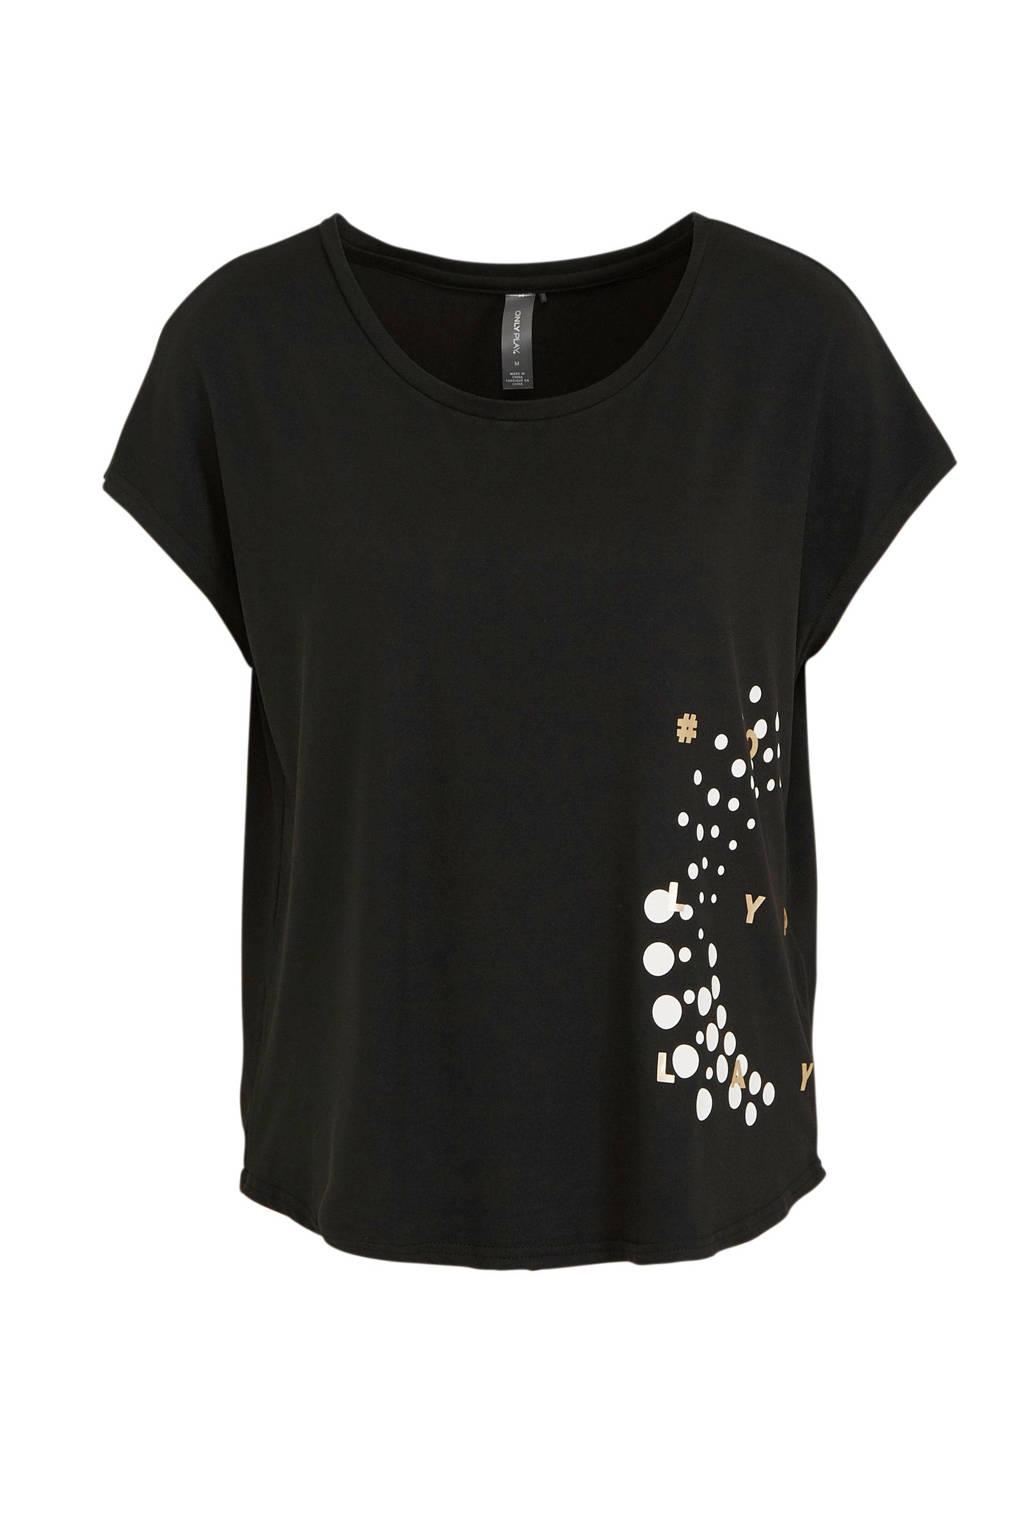 ONLY PLAY sport T-shirt zwart, Zwart